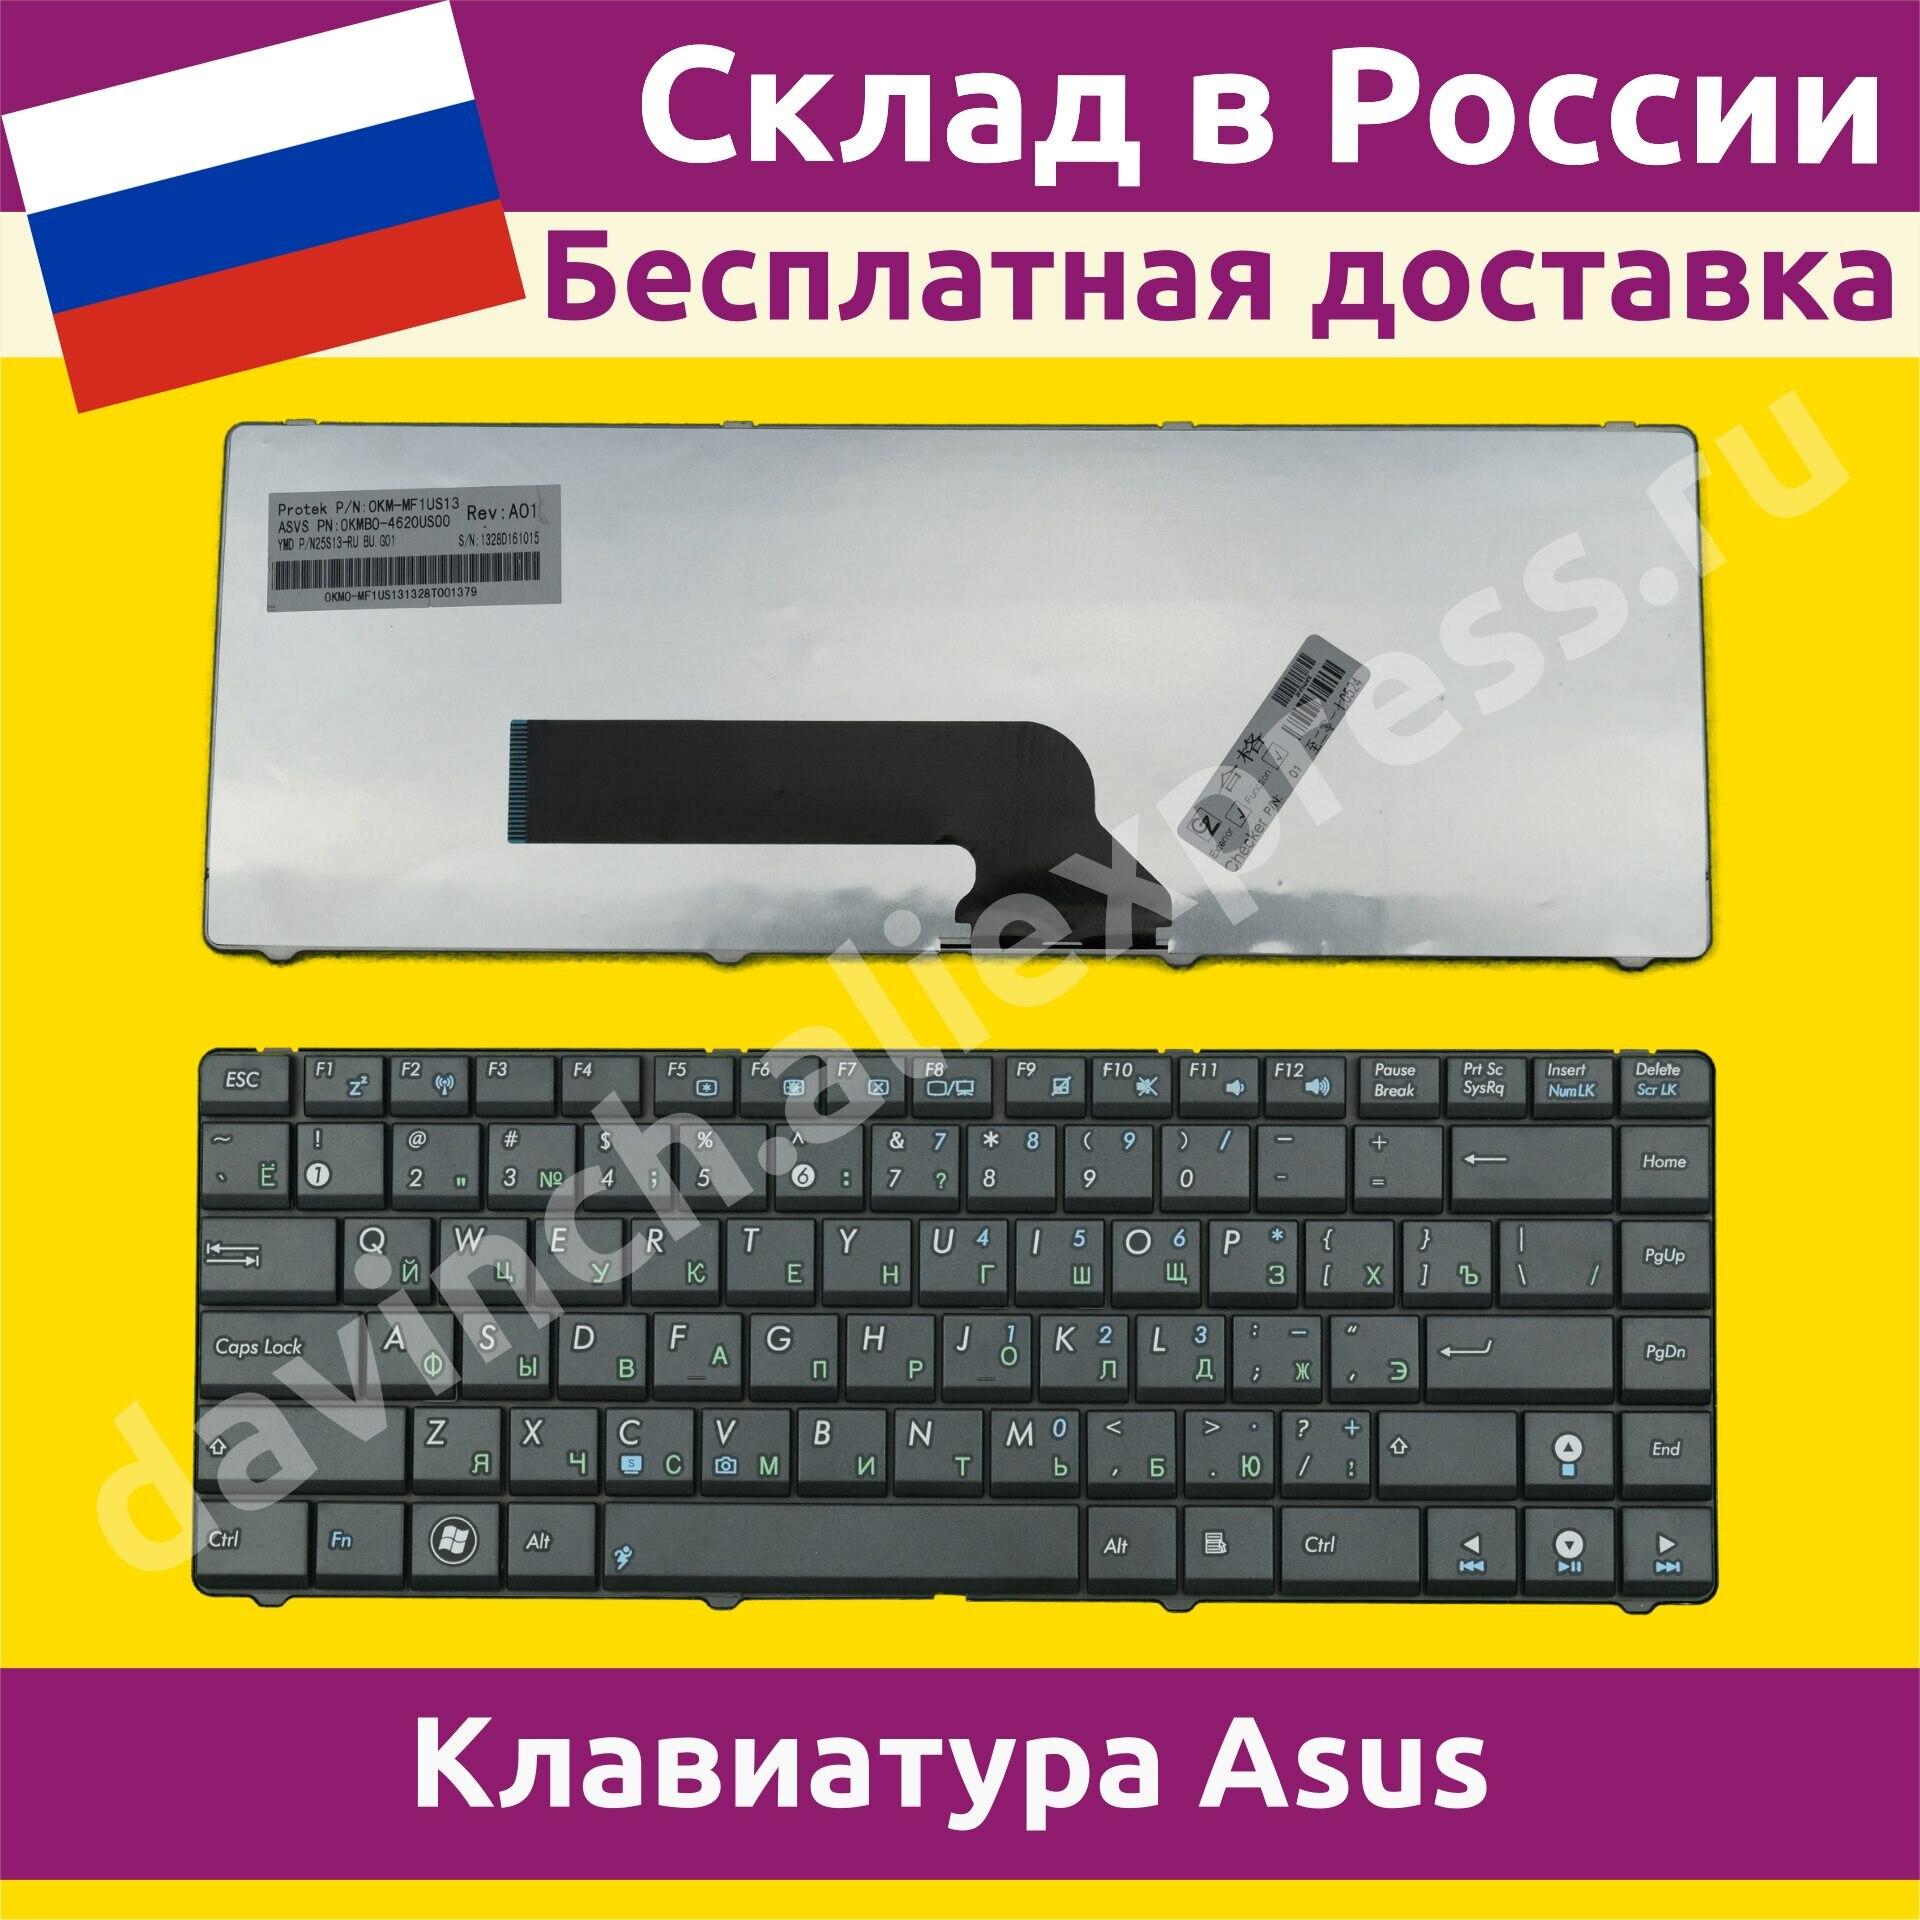 Клавиатура для ноутбука Asus MP-09H63US-886 новая русская 010091f 10190